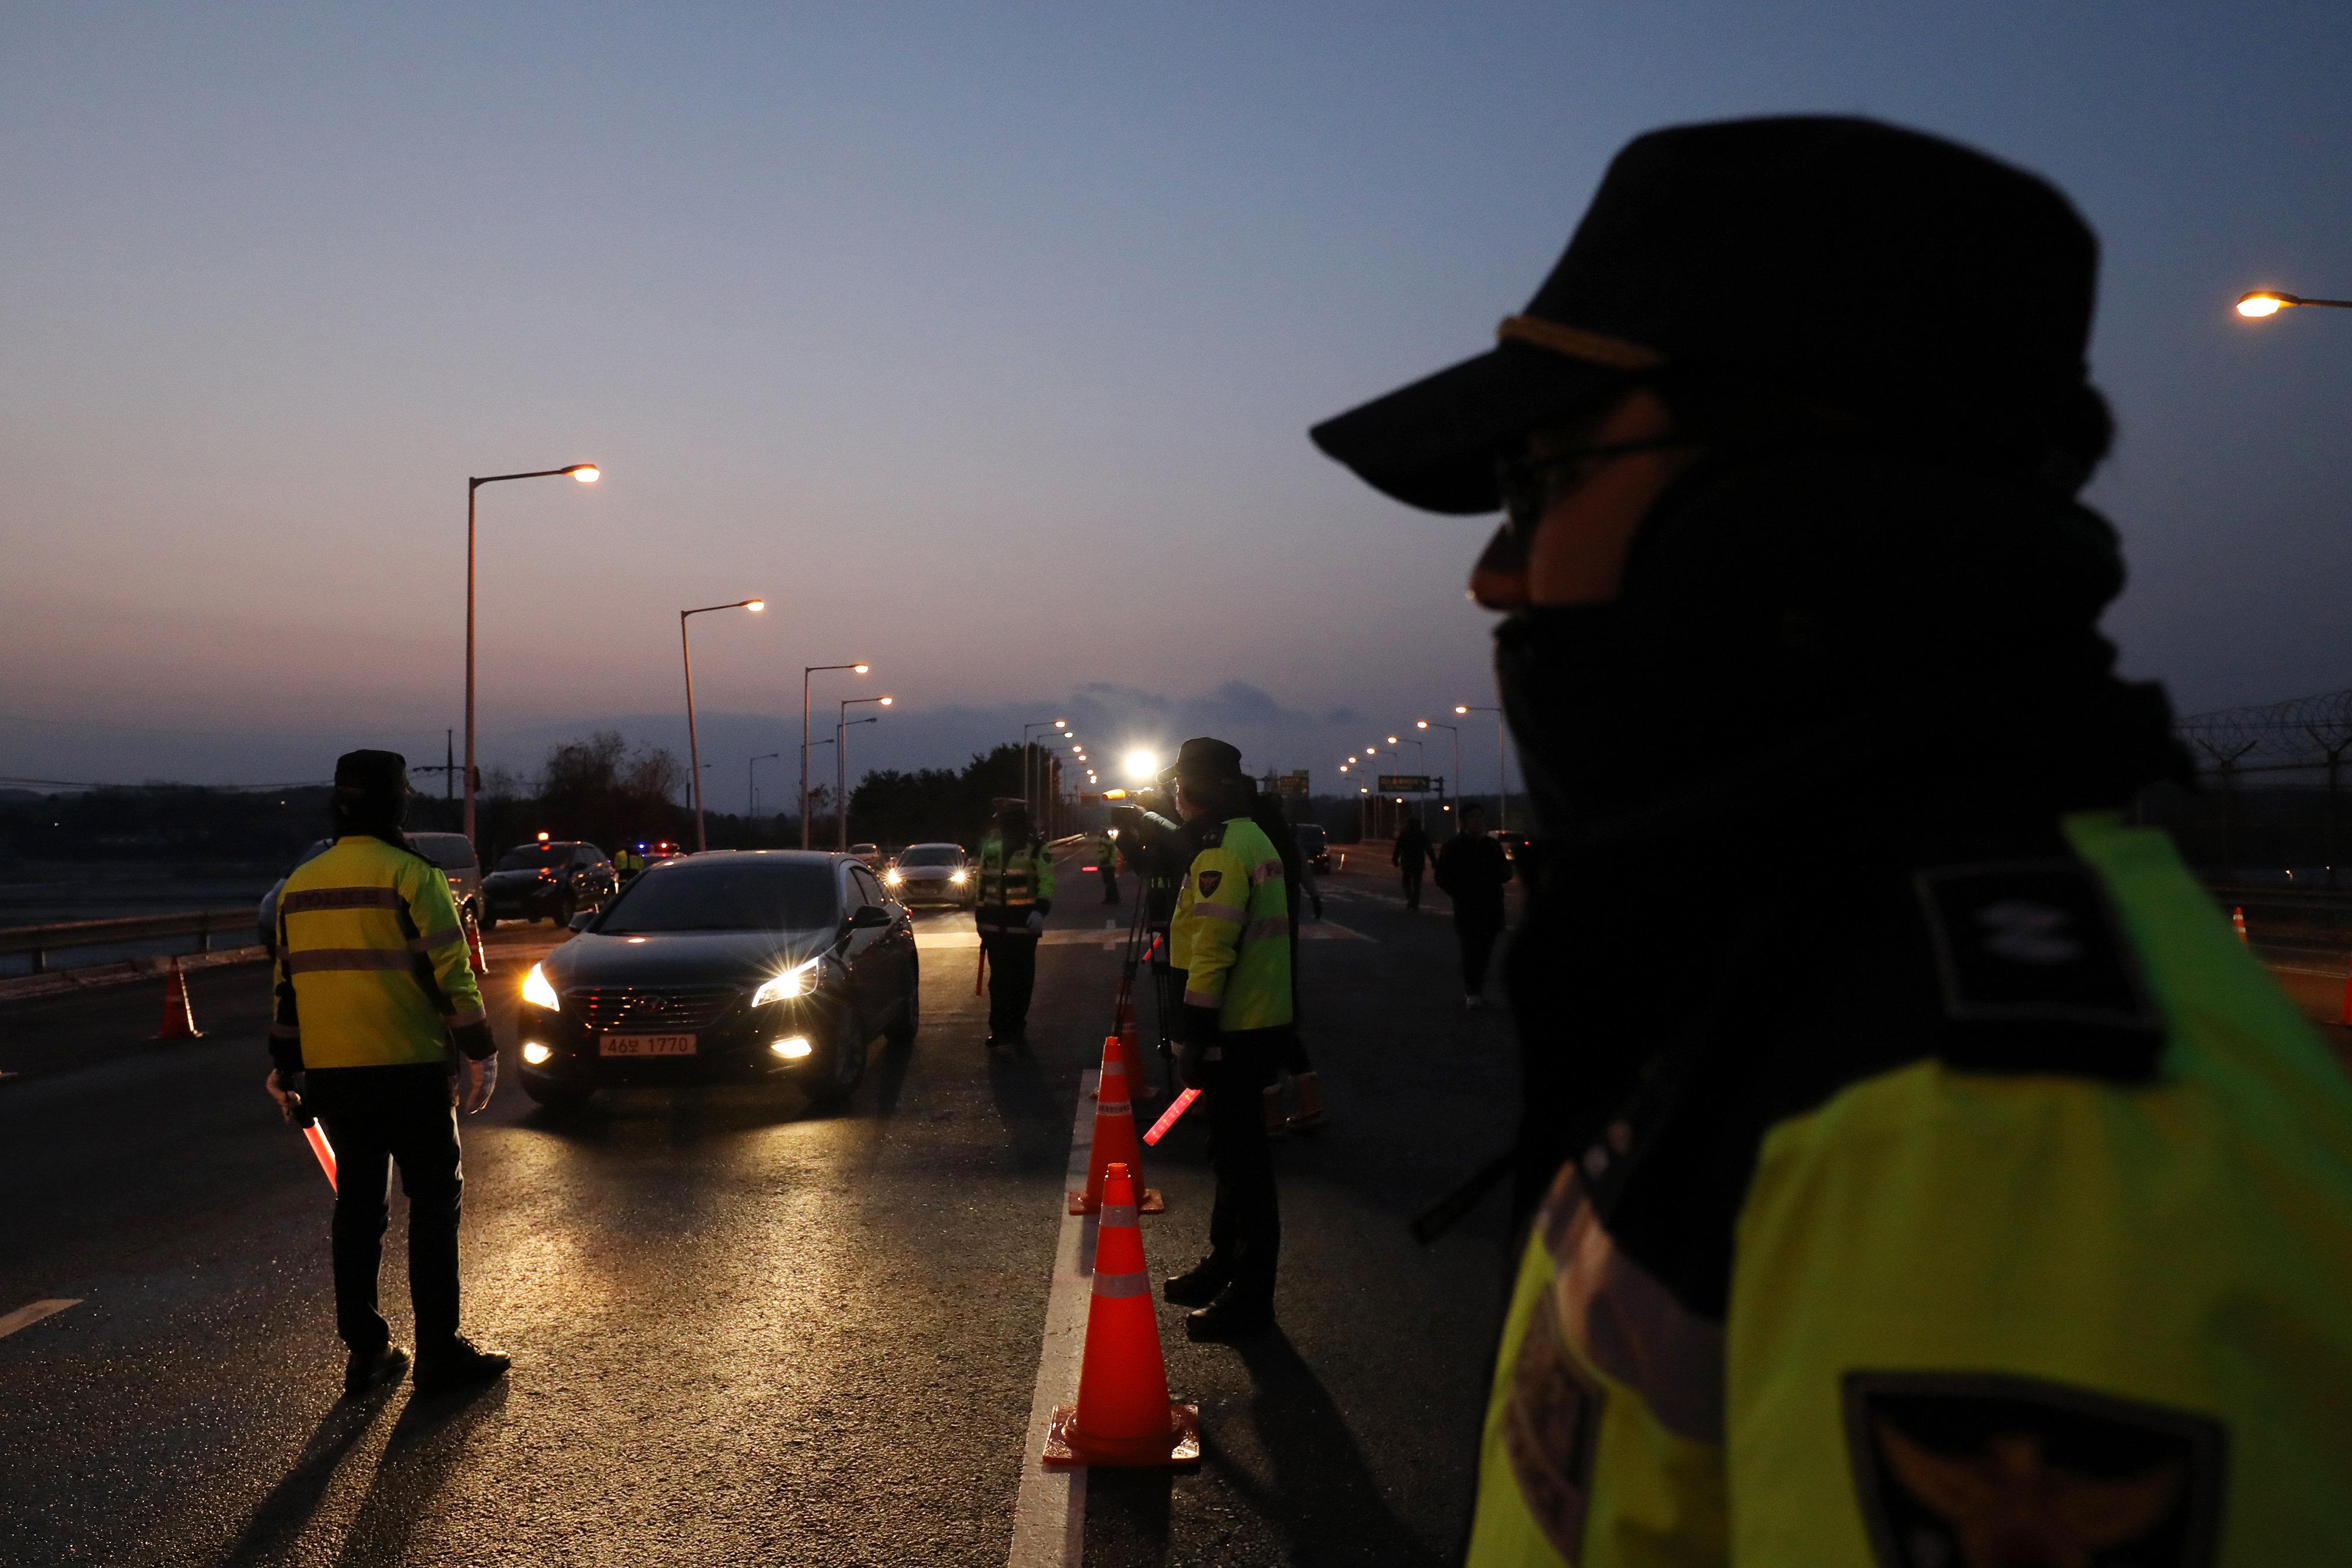 Δεκάδες Κινέζοι νεκροί μετά από πτώση λεωφορείου σε γέφυρα στη Βόρεια